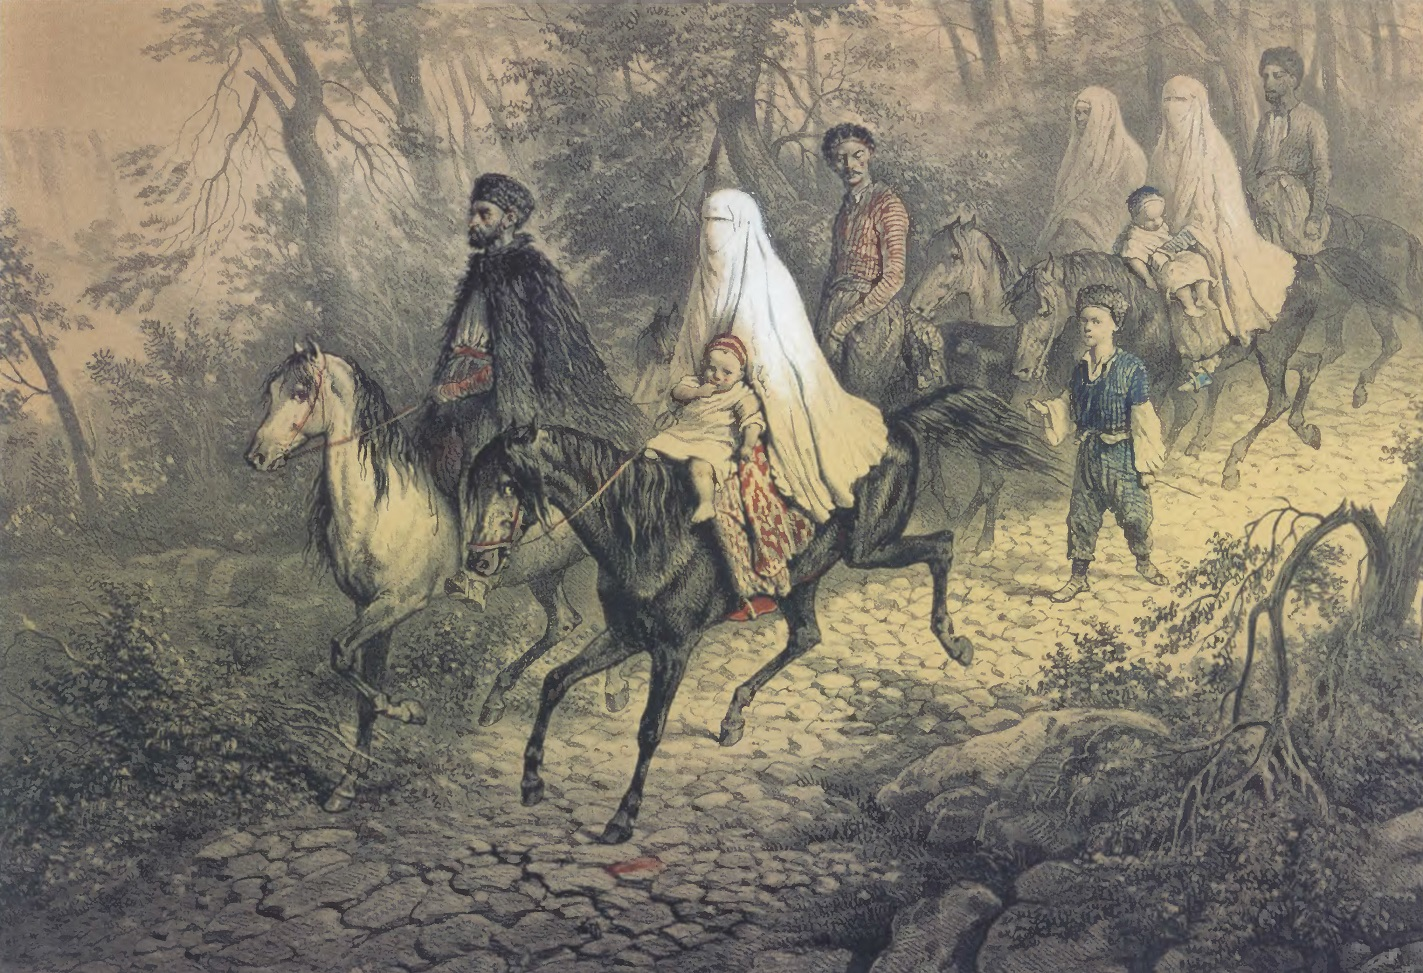 ВАСИЛИЙ ТИММ. Татарское семейство. Бумага, акварель. Частное собрание